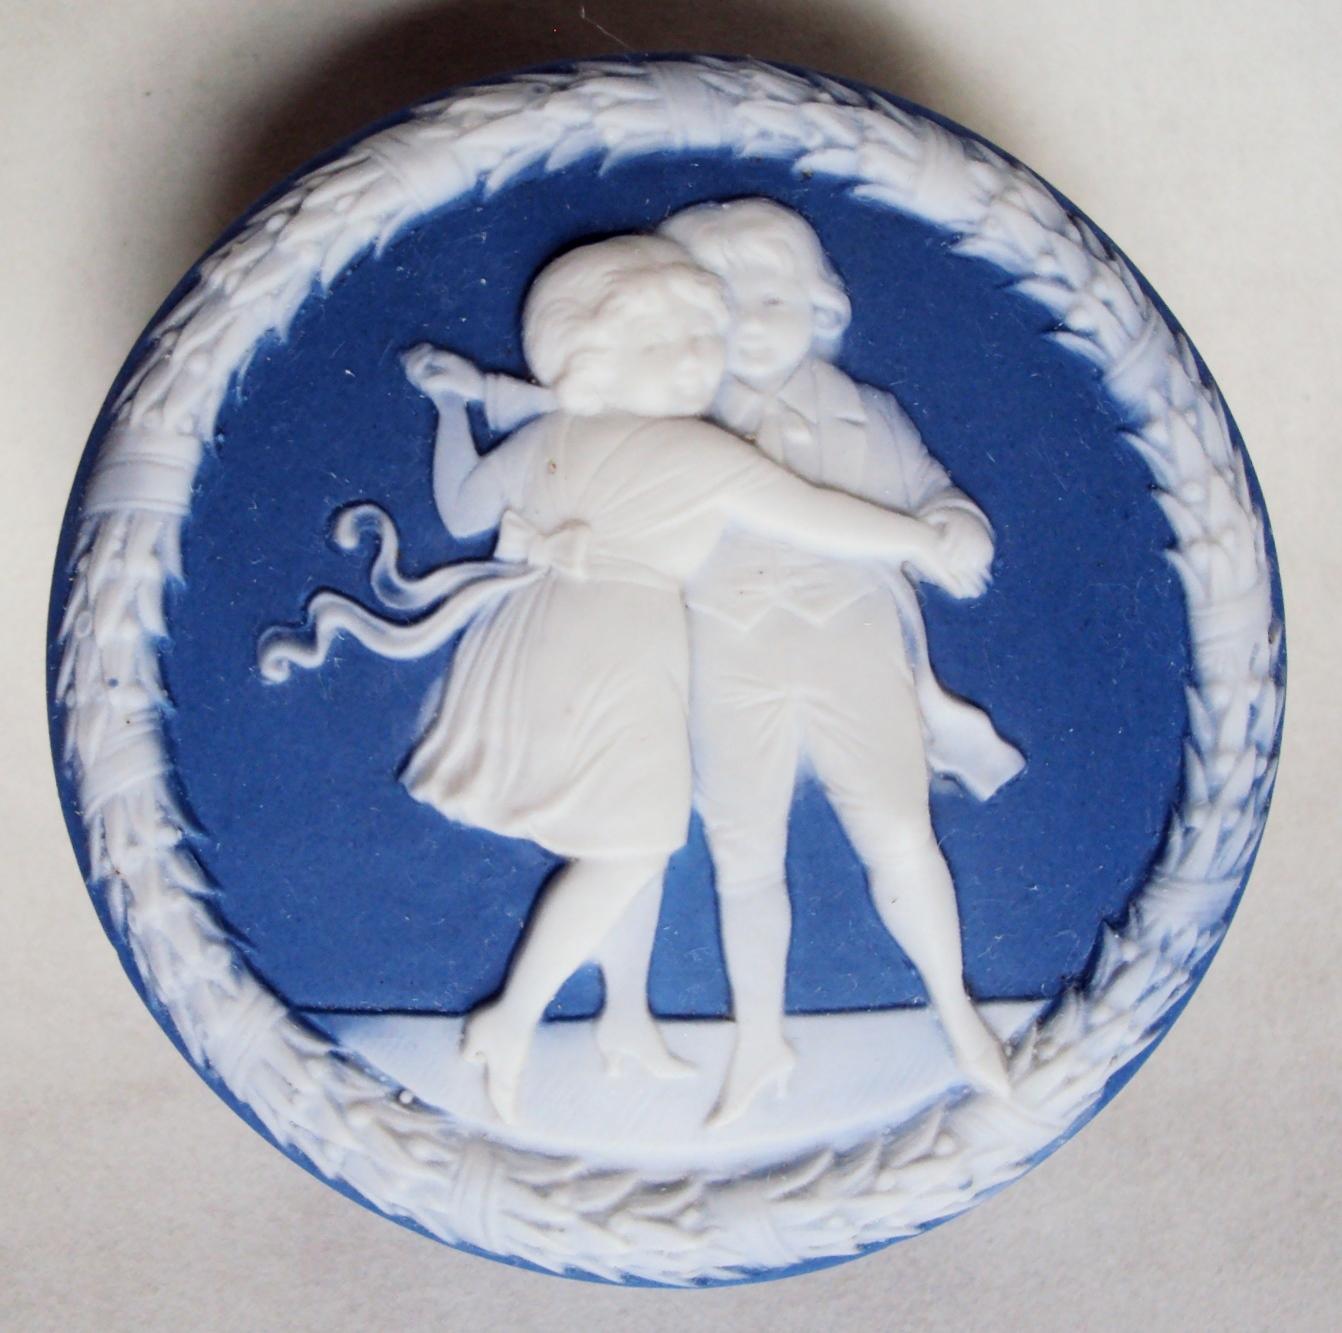 LO 367 – Caixa antiga inglesa em porcelana Wedgwood azul com casal de menino e menina dançando em relevo